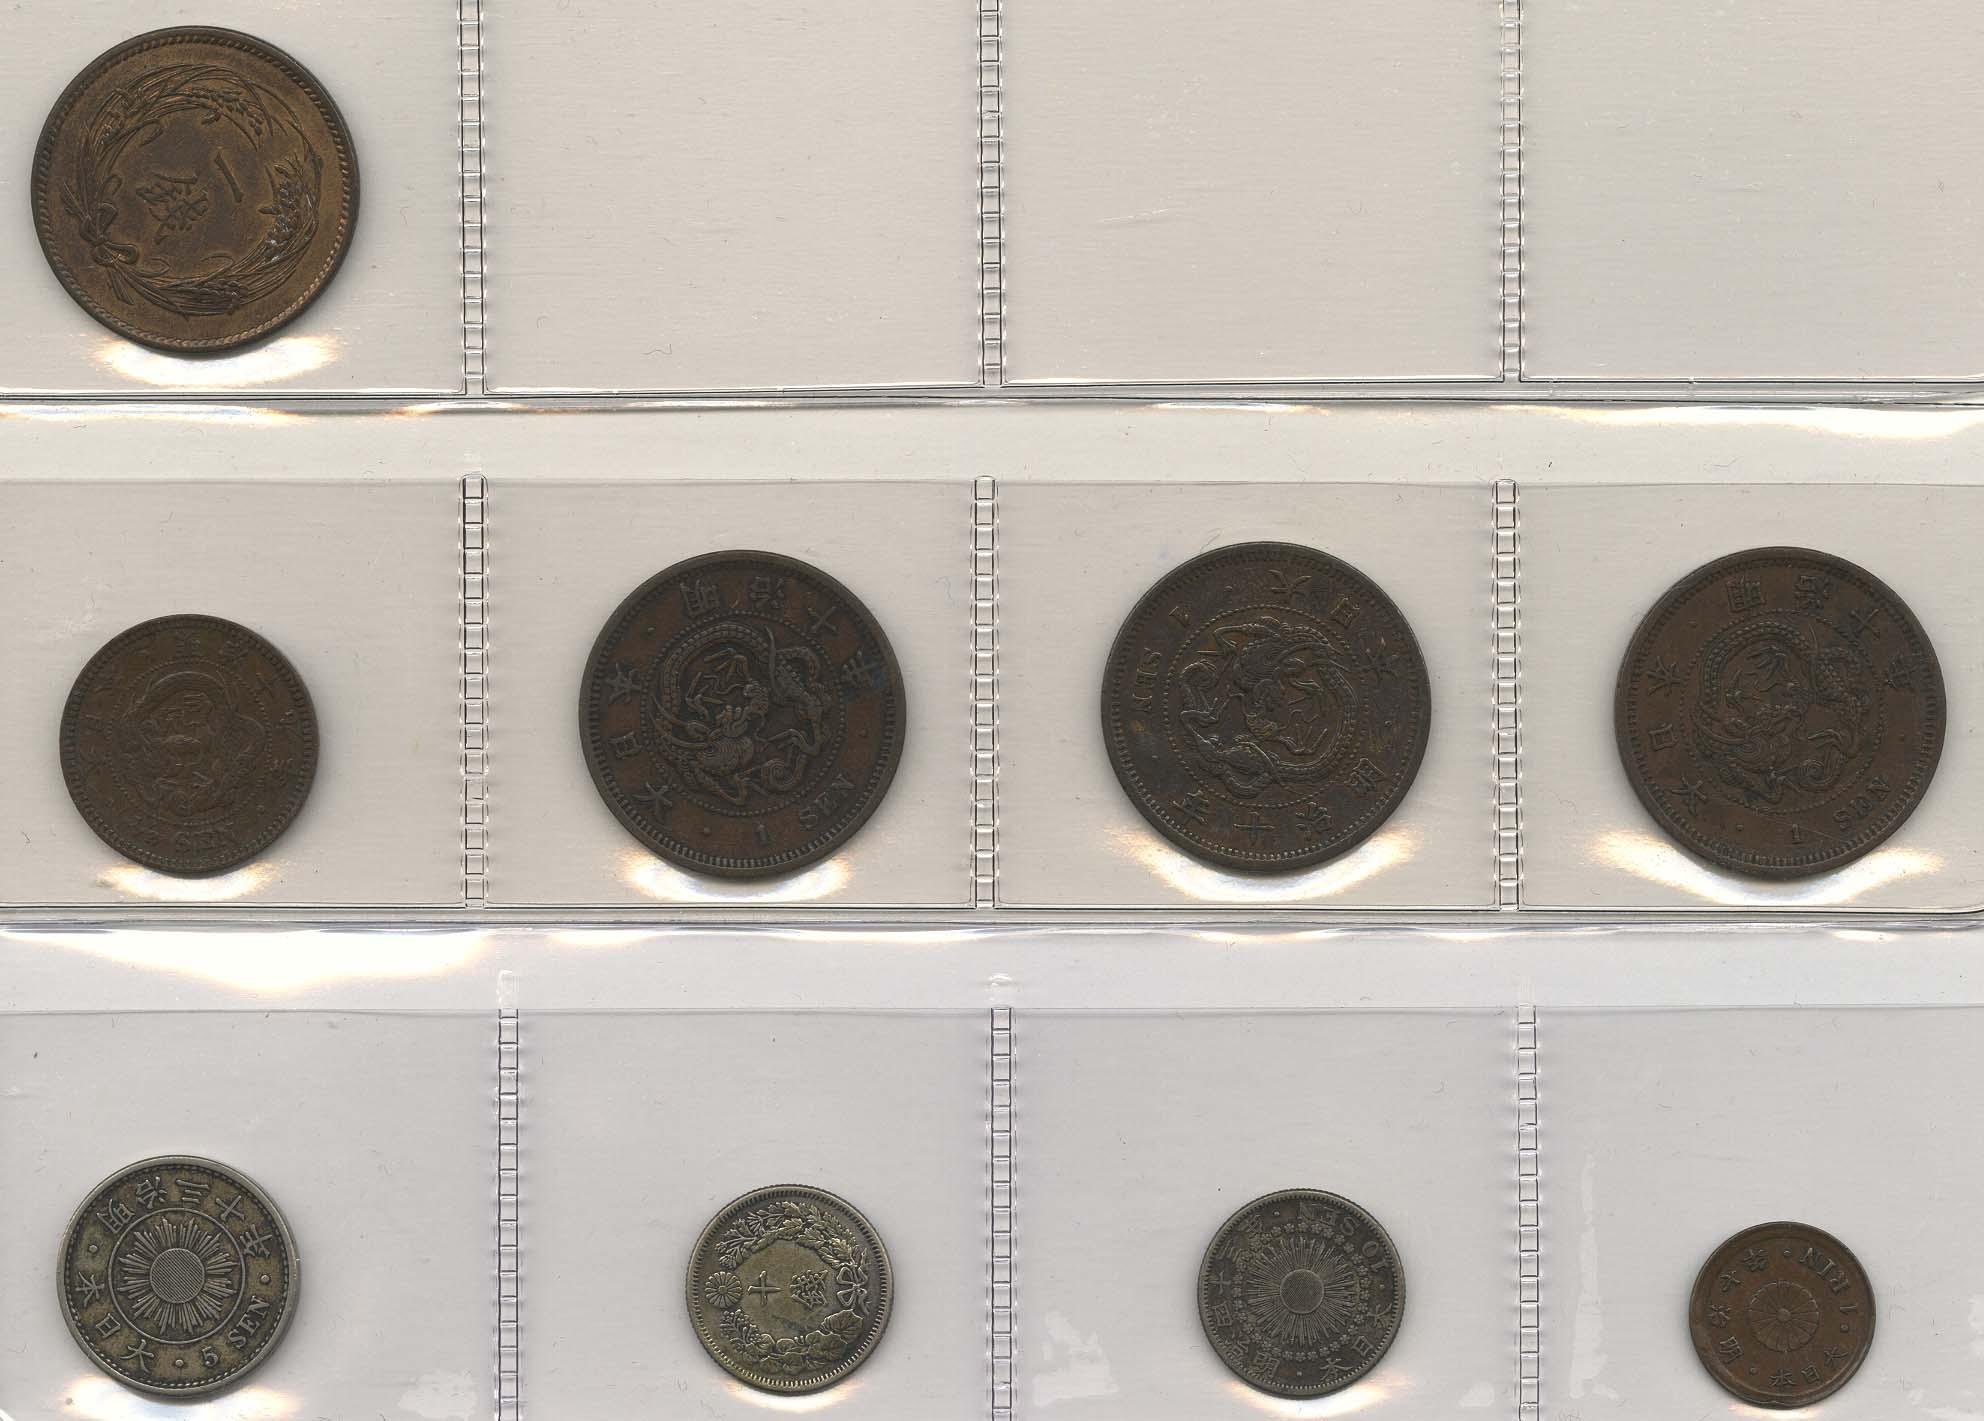 Lot 9410 - sammlungen Übersee - Japan -  Auktionshaus Ulrich Felzmann GmbH & Co. KG Coins single lots